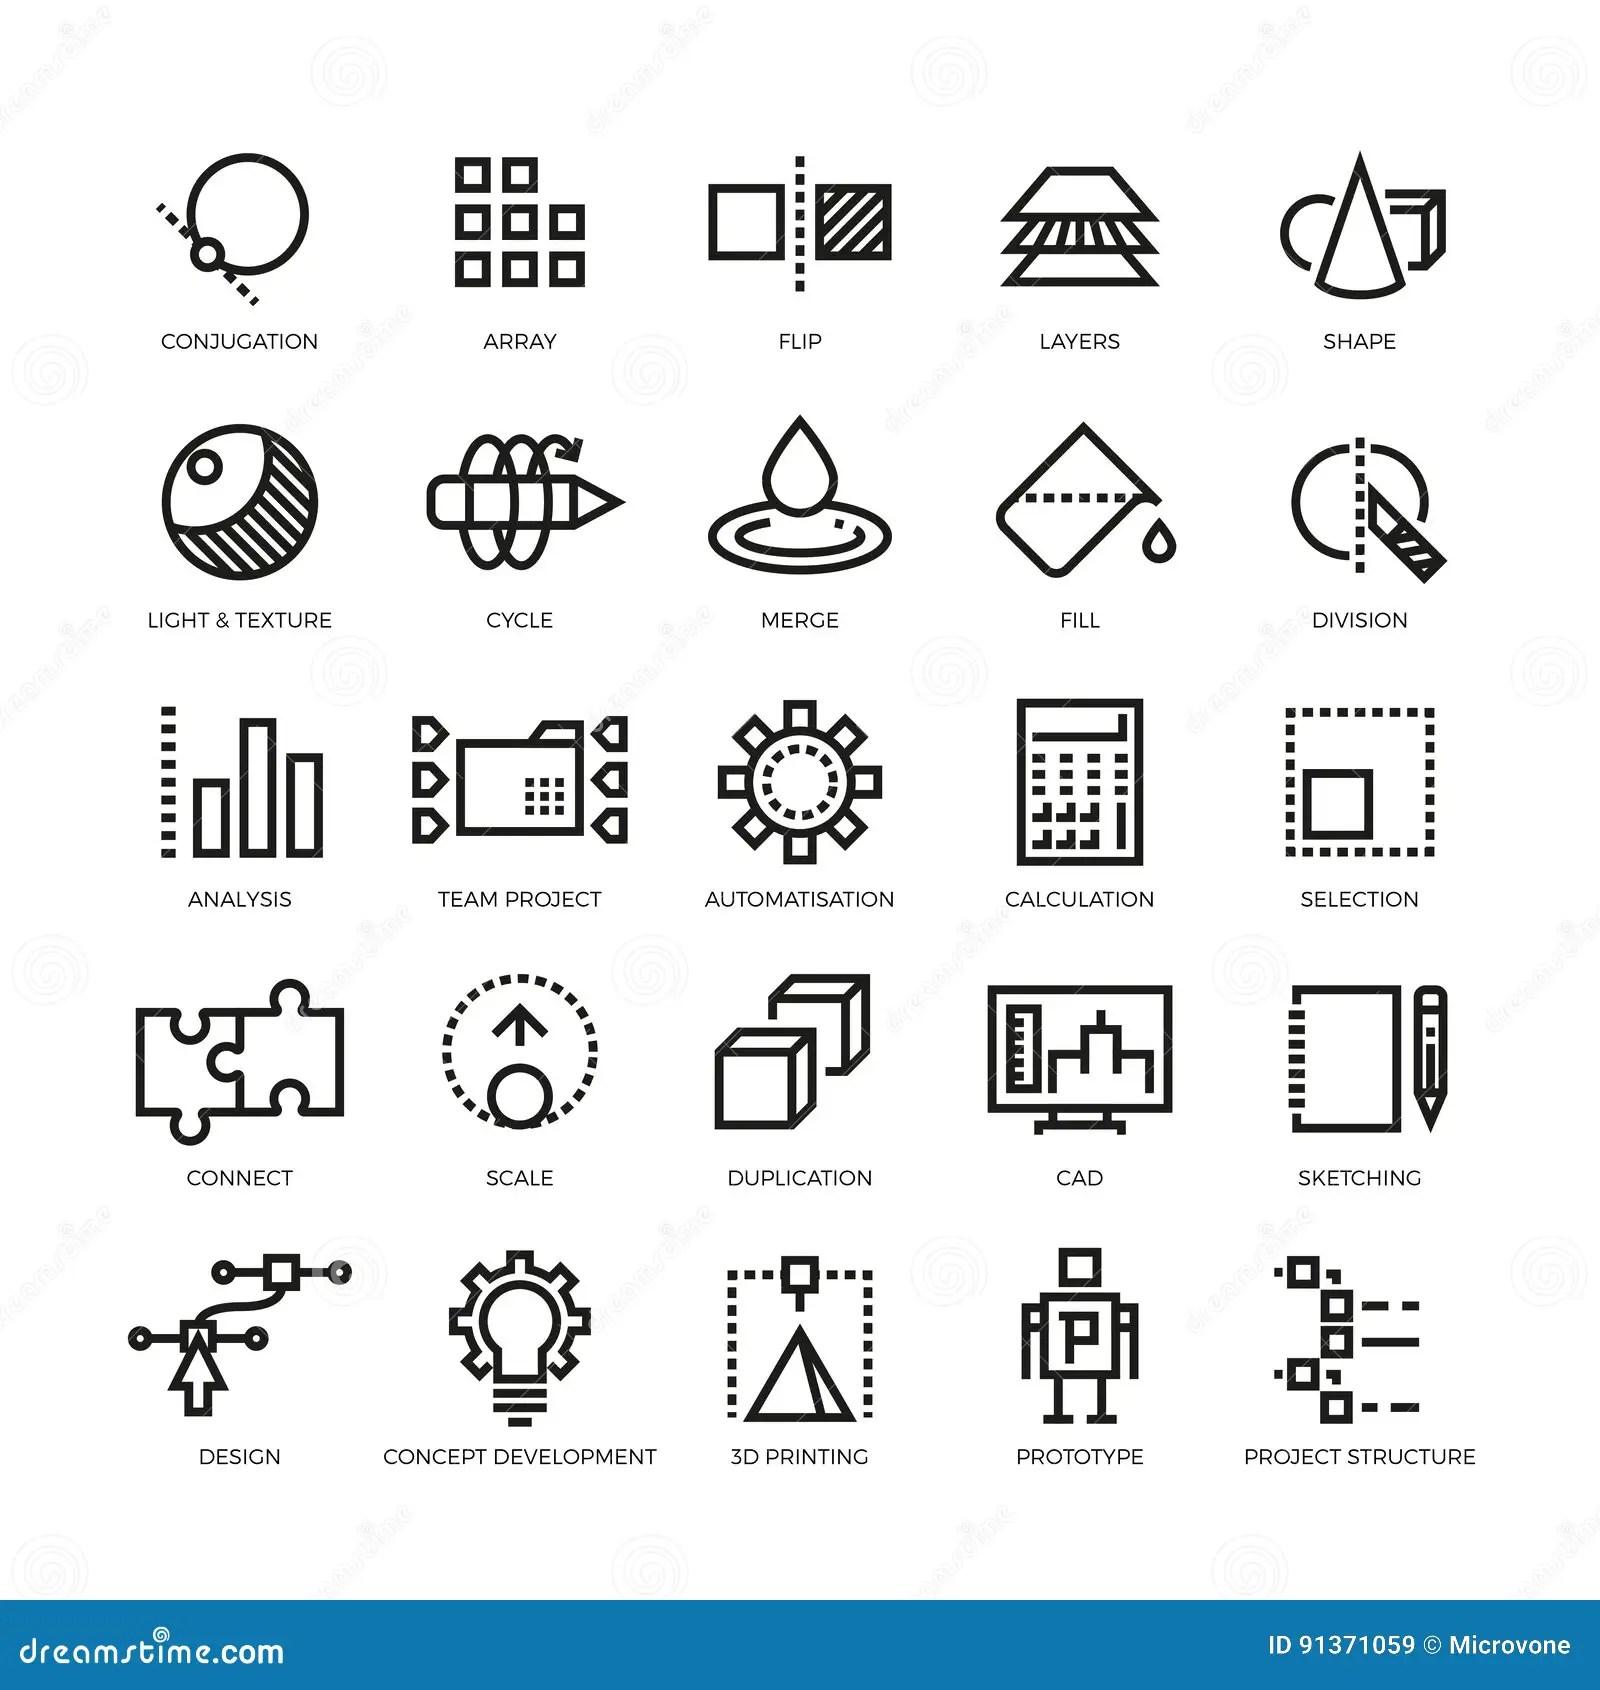 Cad Formgivare Framtida Innovation Databas Arkitektur For Printingvektor For Modell 3d Linje